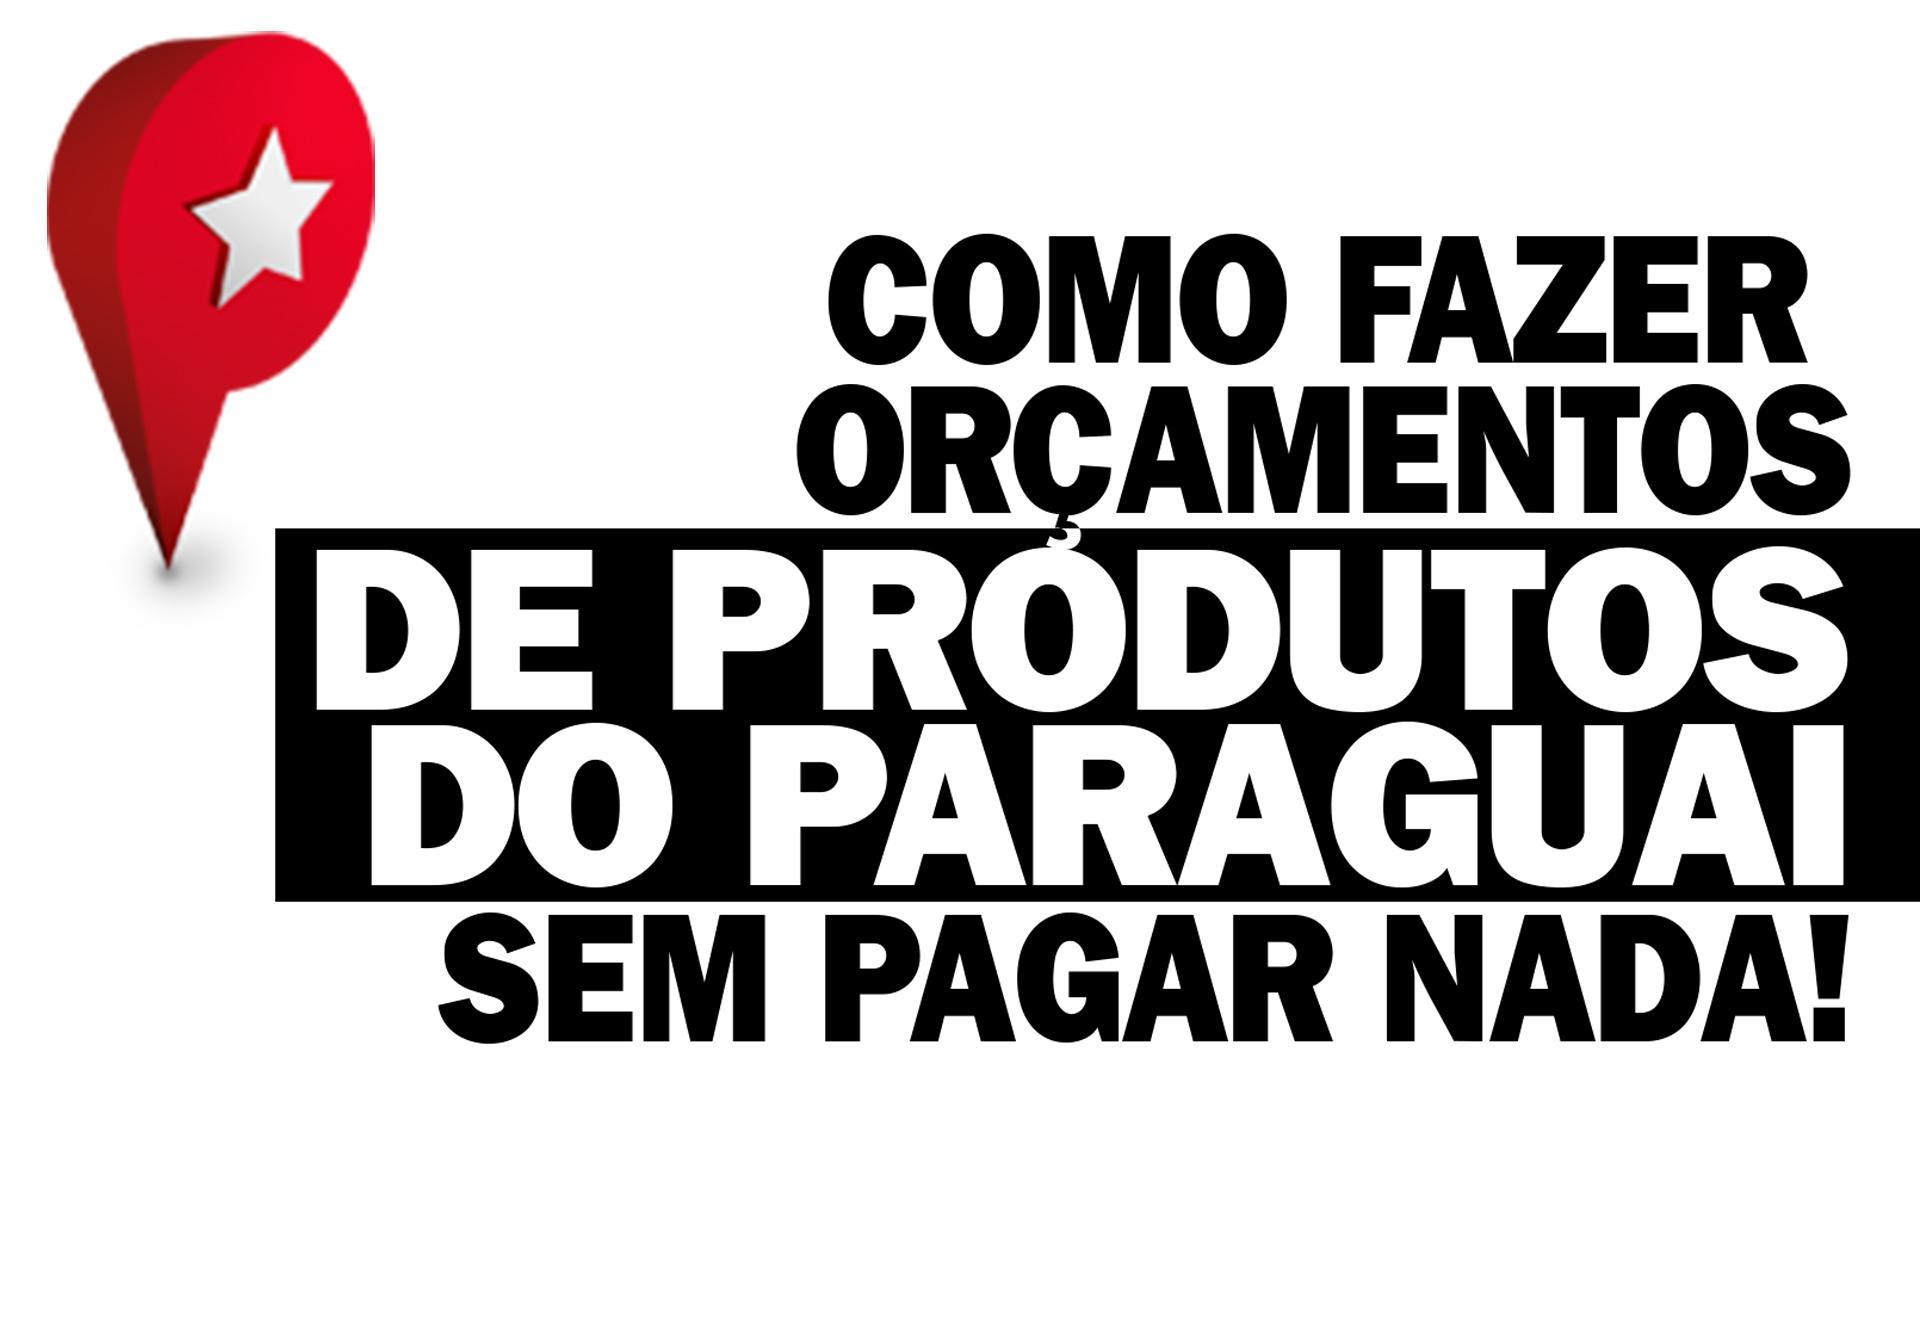 COMPRAS PARAGUAI - FAÇA SEU ORÇAMENTO DE PRODUTOS DO PARAGUAI SEM SAIR DE CASA!